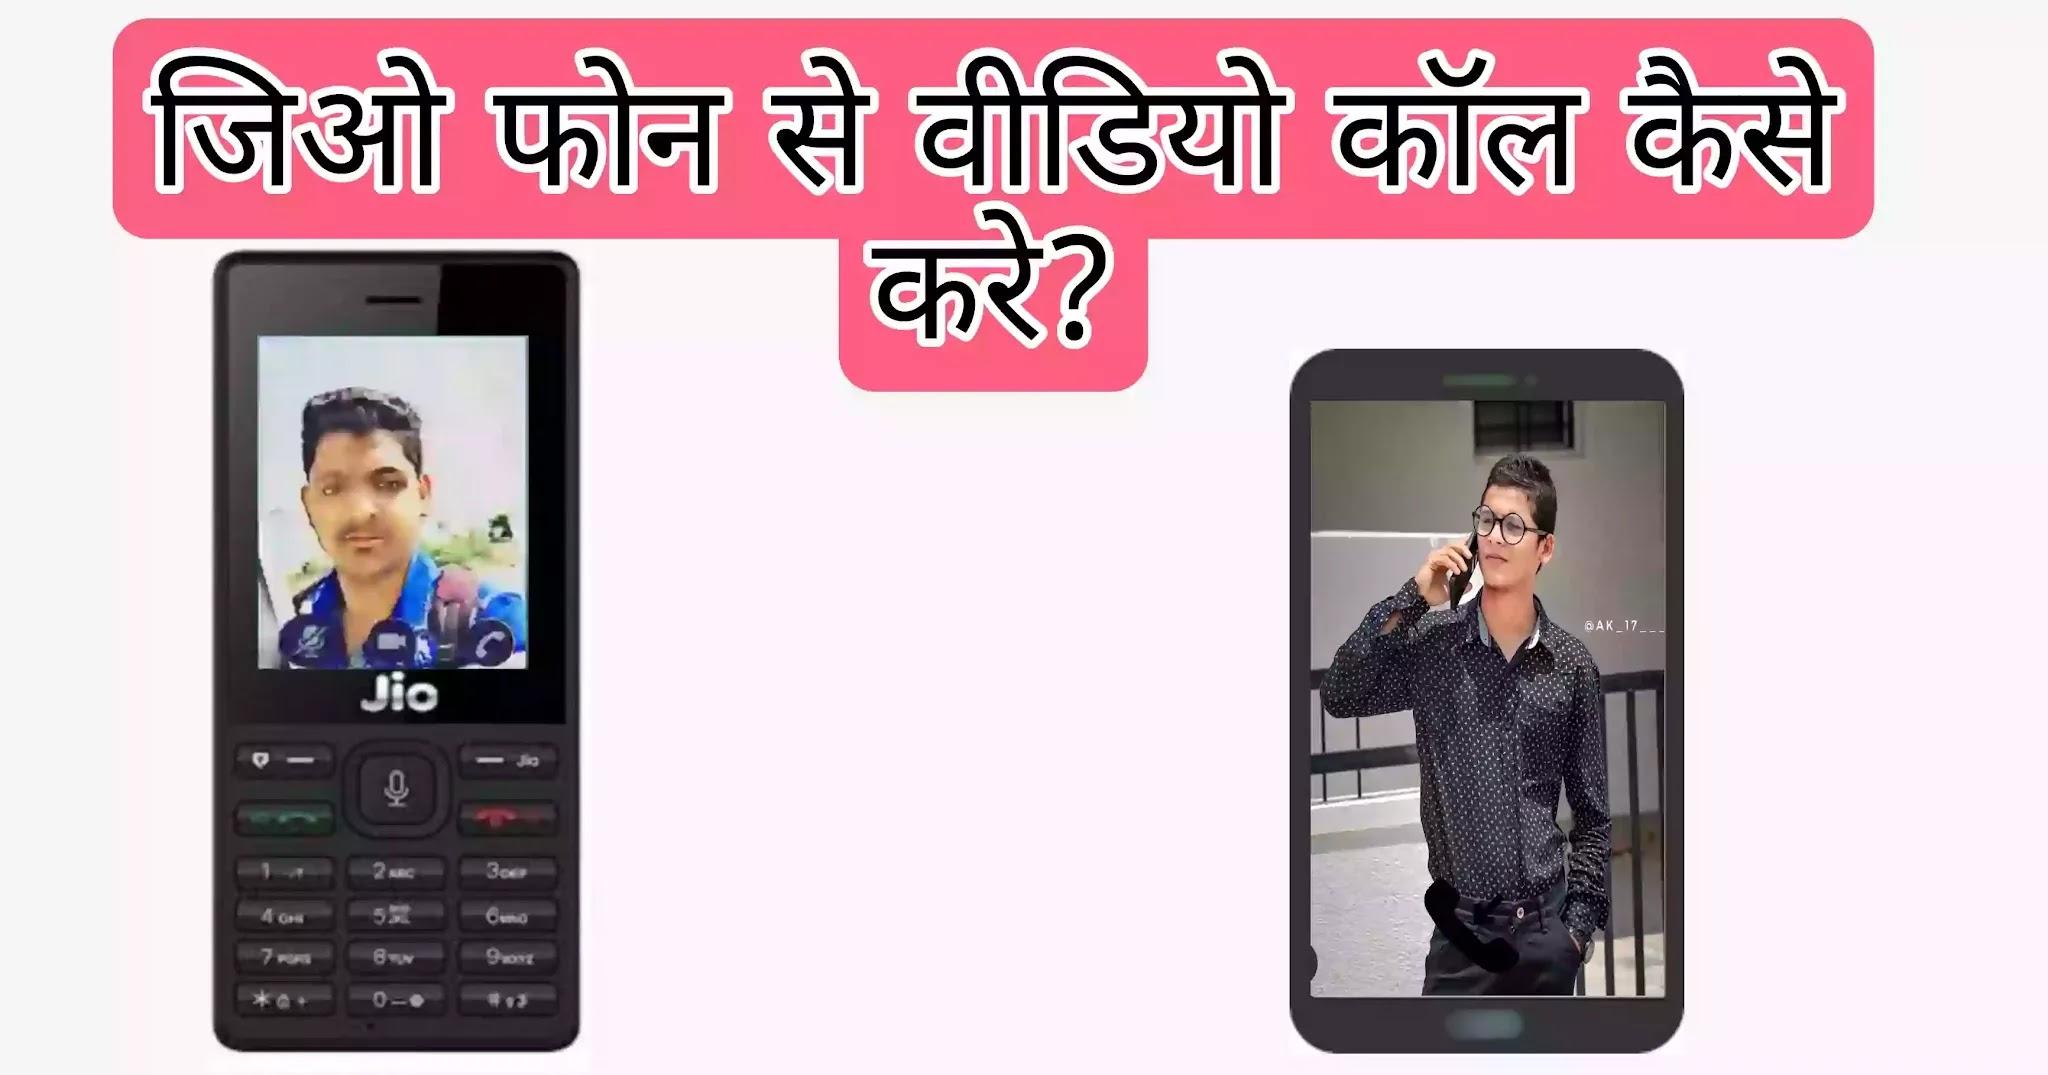 जिओ फोन से वीडियोकॉल कैसे करे?